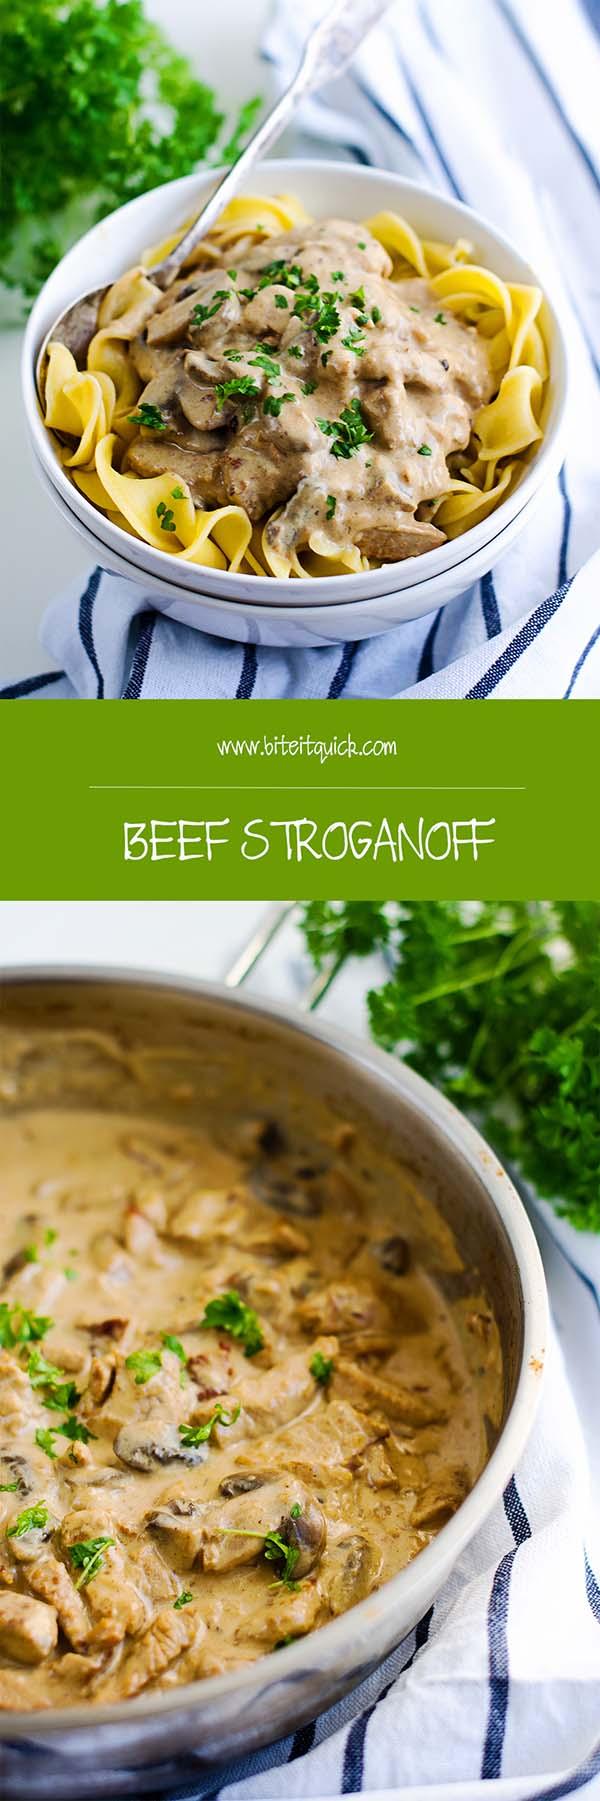 Beef Storganoff